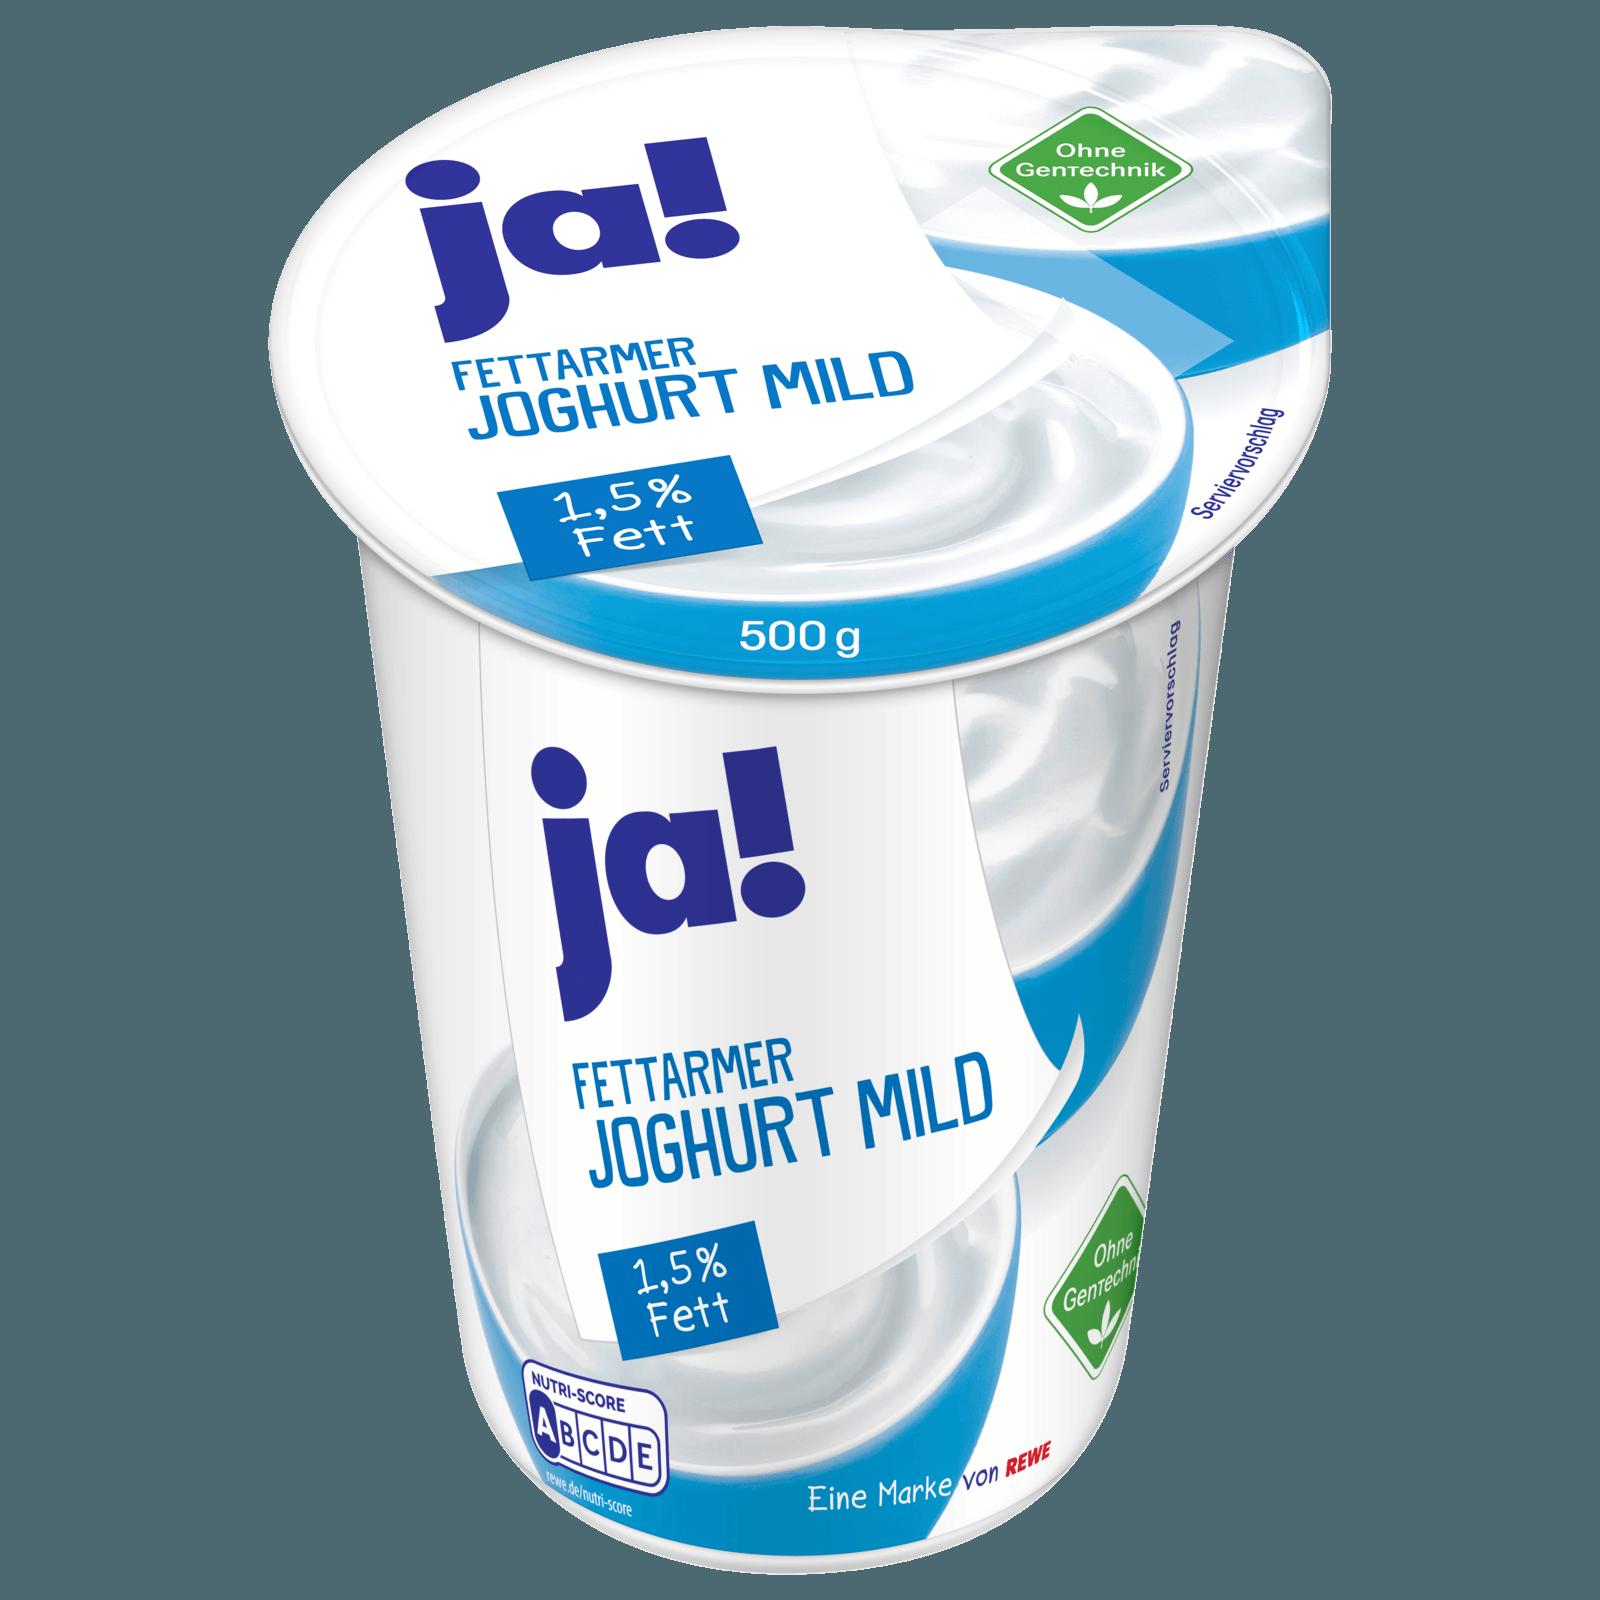 ja! Fettarmer Joghurt mild 1,5% Fett 500g